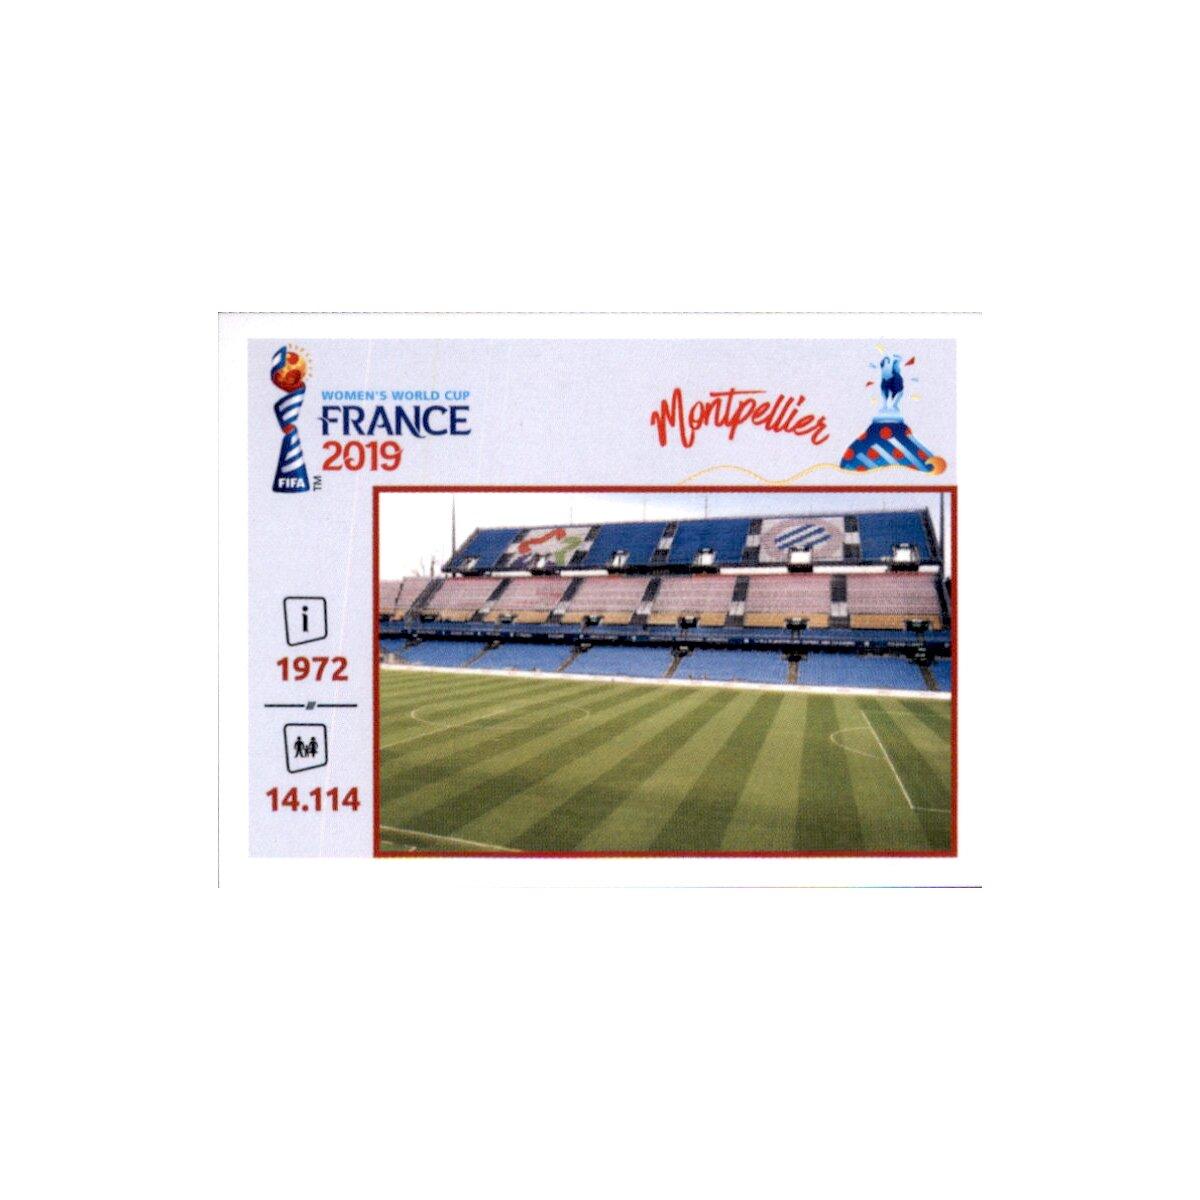 Orte und Stadien Panini Frauen WM 2019 Sticker 23 Stade du Hainaut